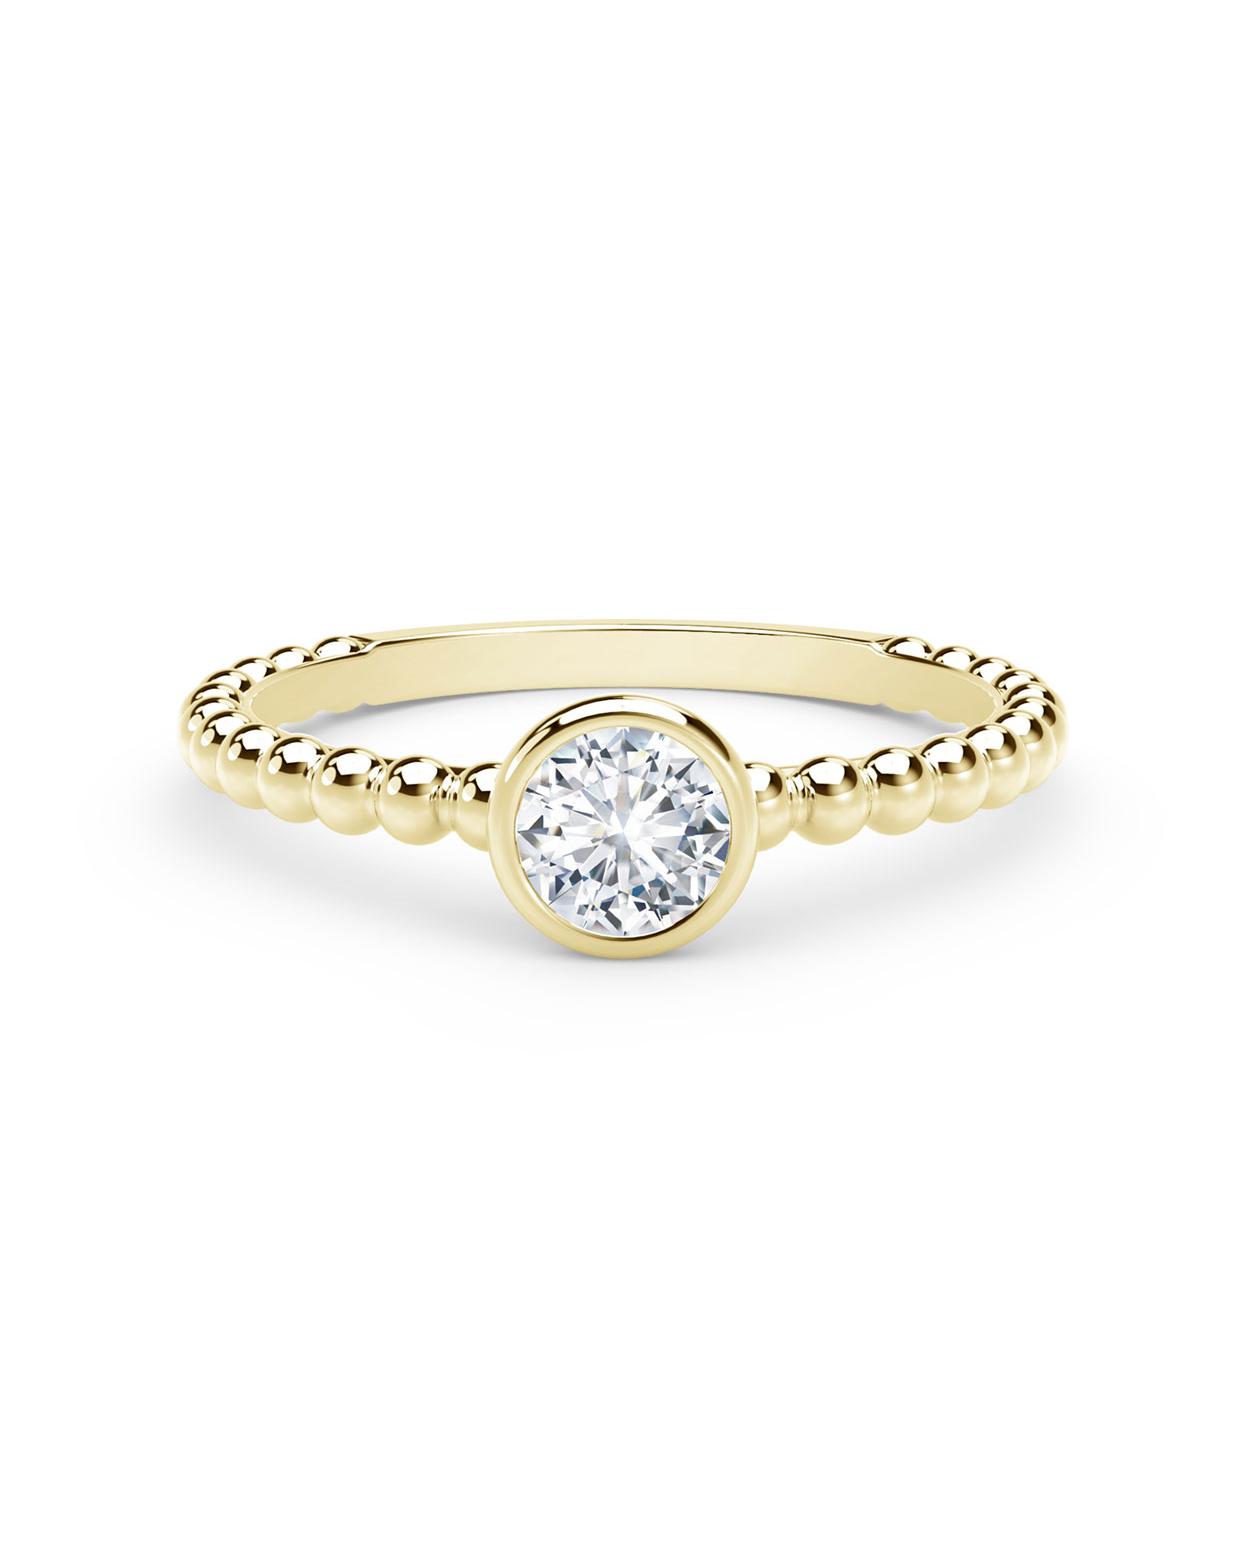 18-Karat Yellow Gold Beaded Shank Round Diamond Ring